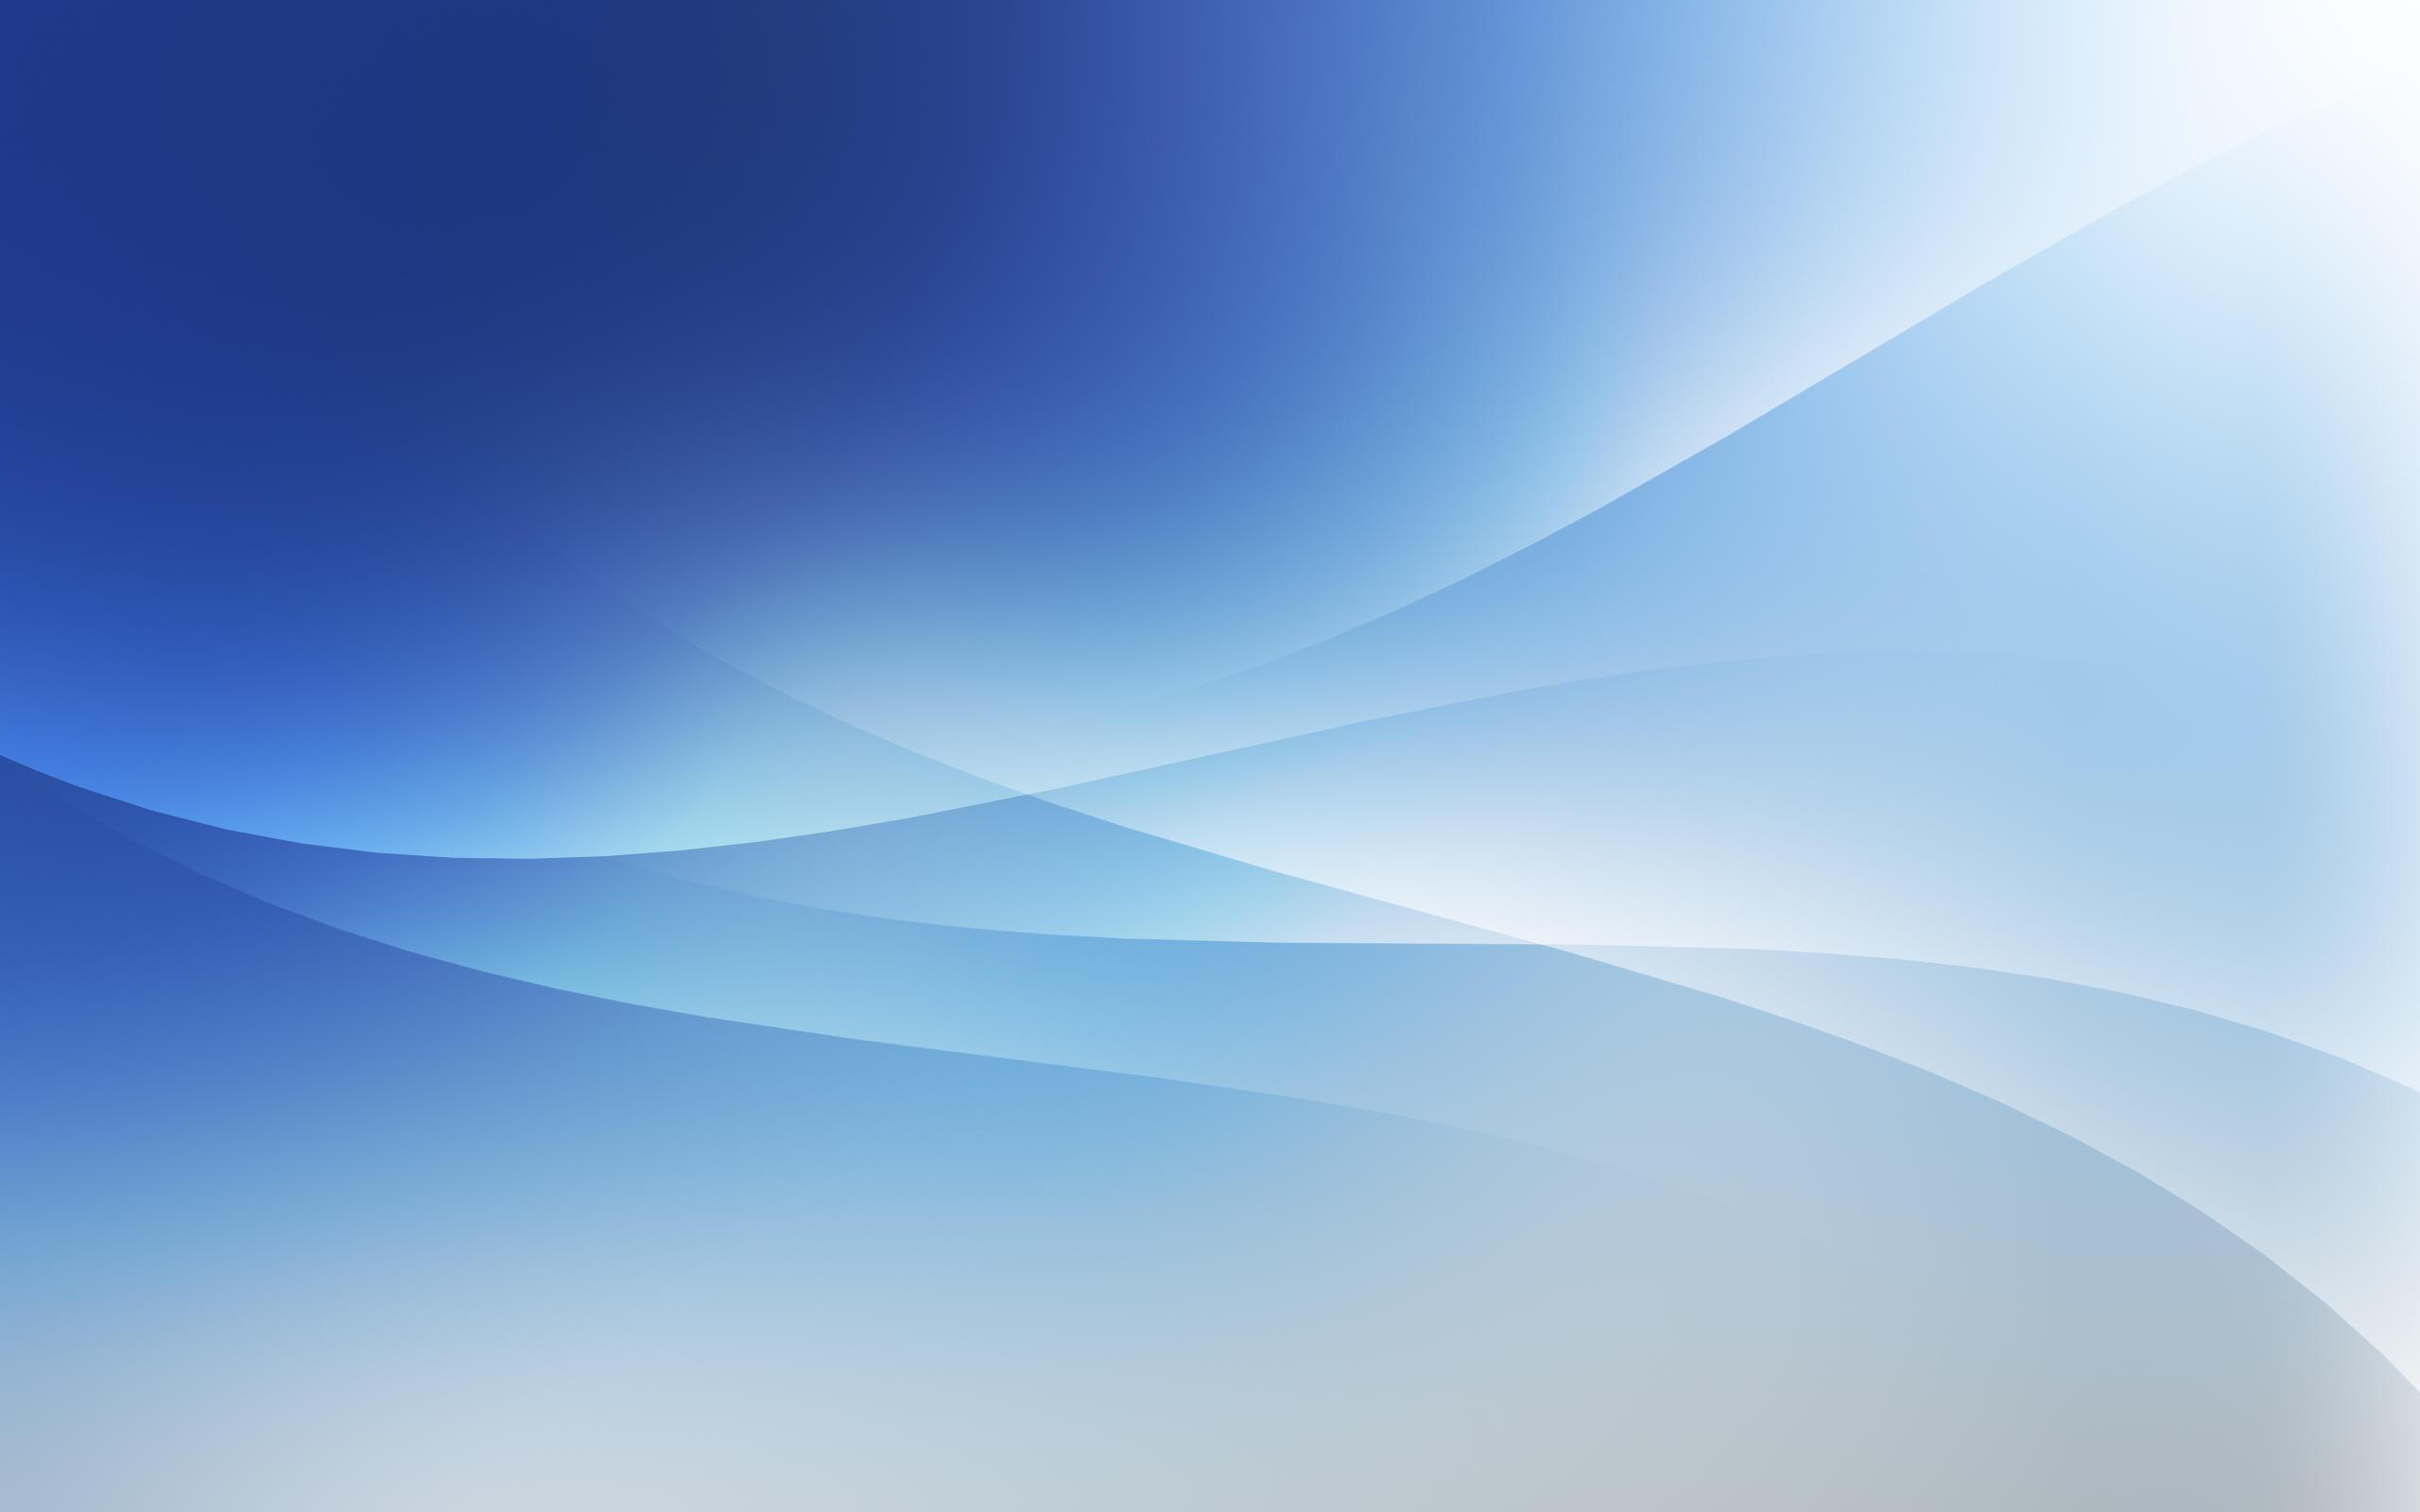 Light Lines By Niklask On Deviantart